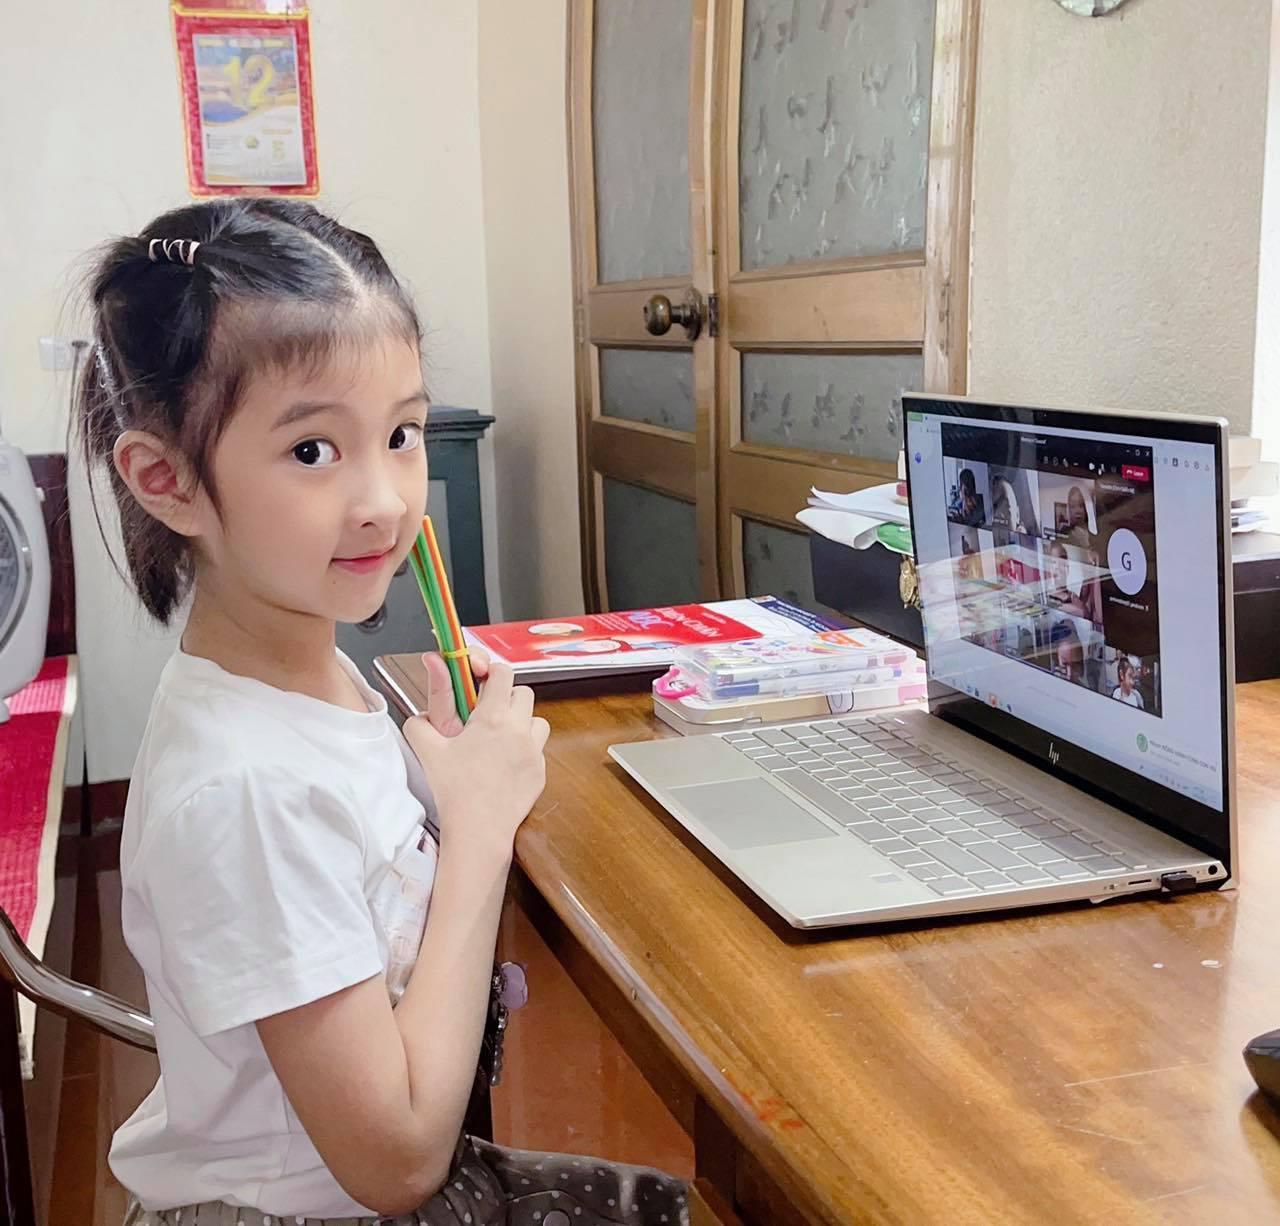 Hà Nội: Tranh cãi học sinh lớp 1 trường tư học online 6 tiết/ngày